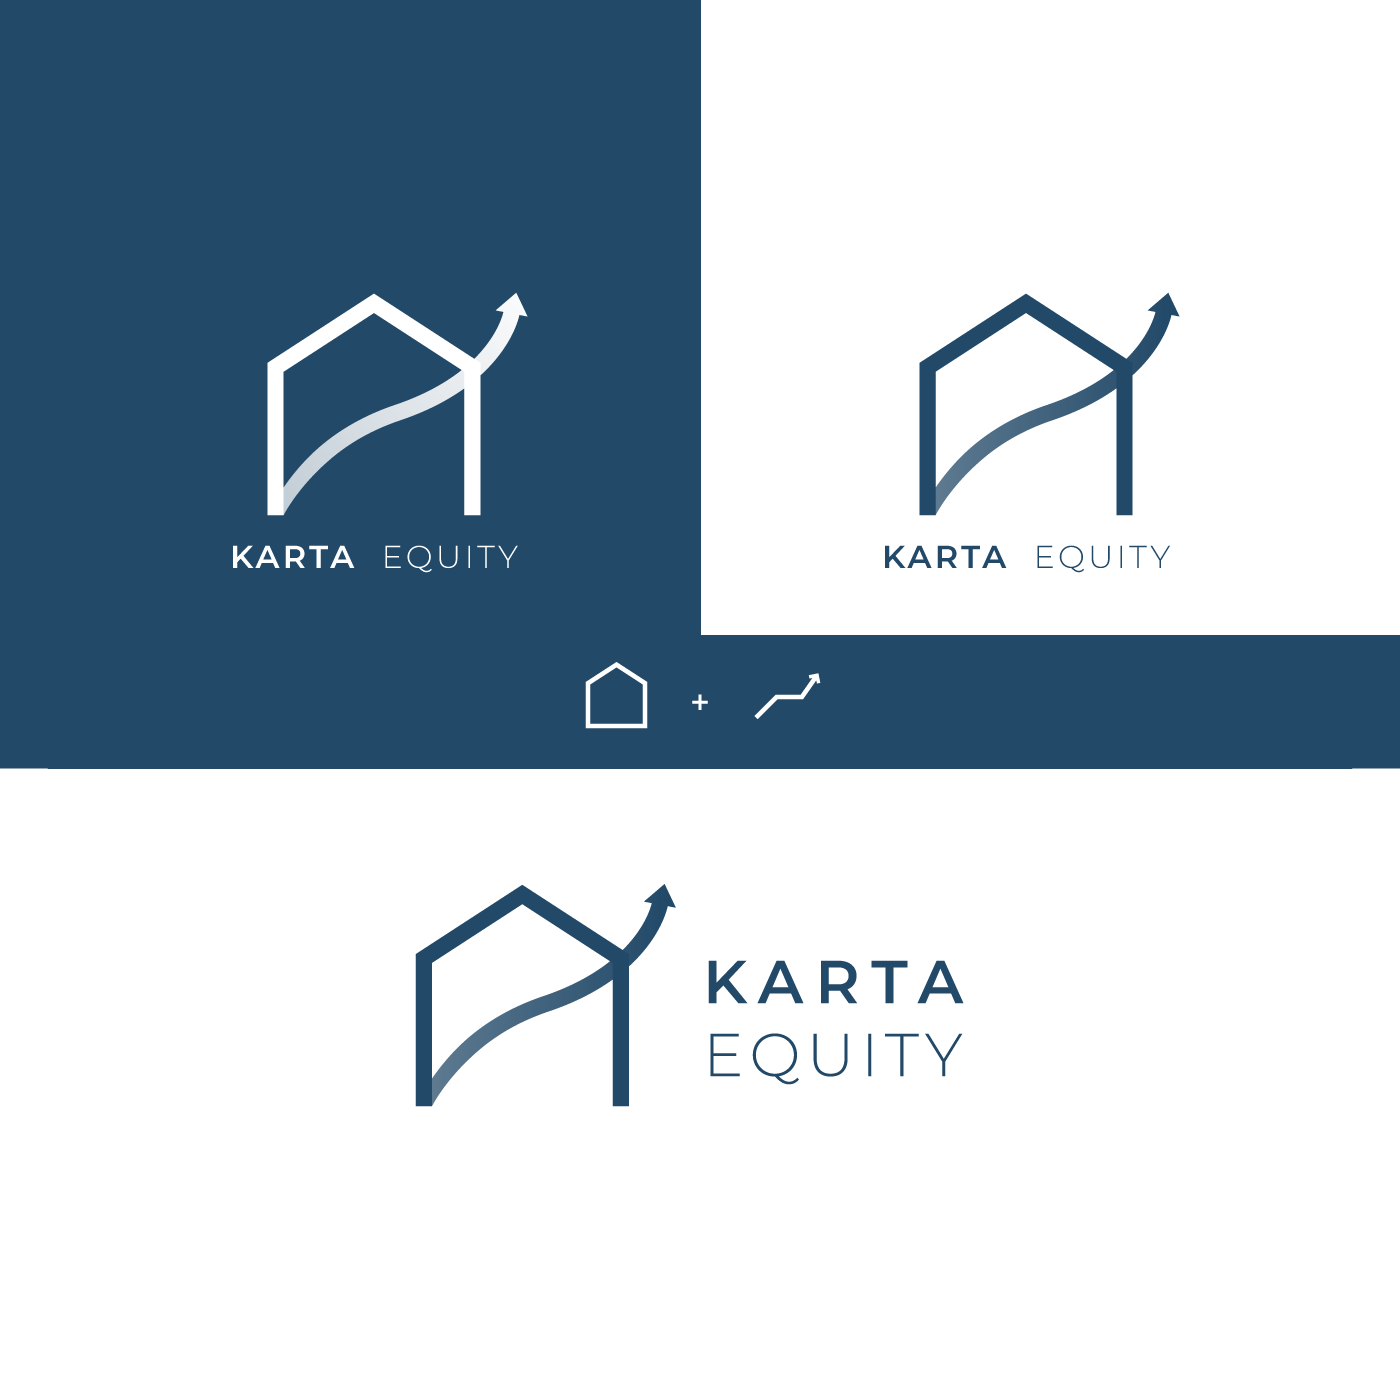 Логотип для компании инвестироваюшей в жилую недвижимость фото f_7155e148c58b8288.png